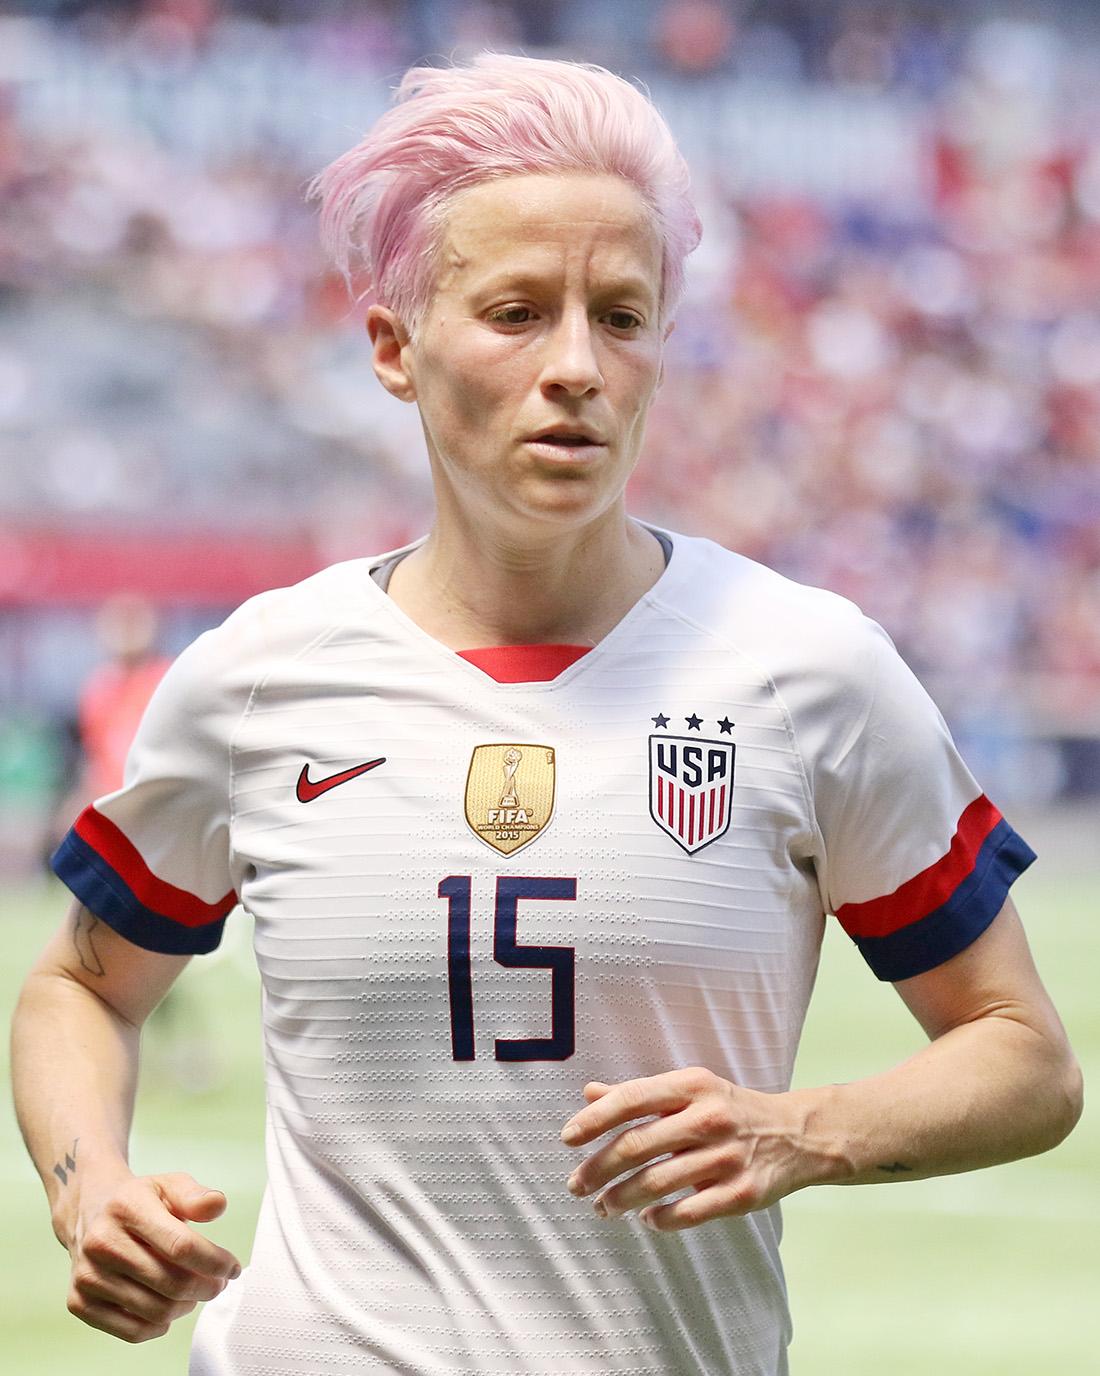 美國女足出櫃隊長賽前嗆川普,率隊世界盃奪冠二連霸